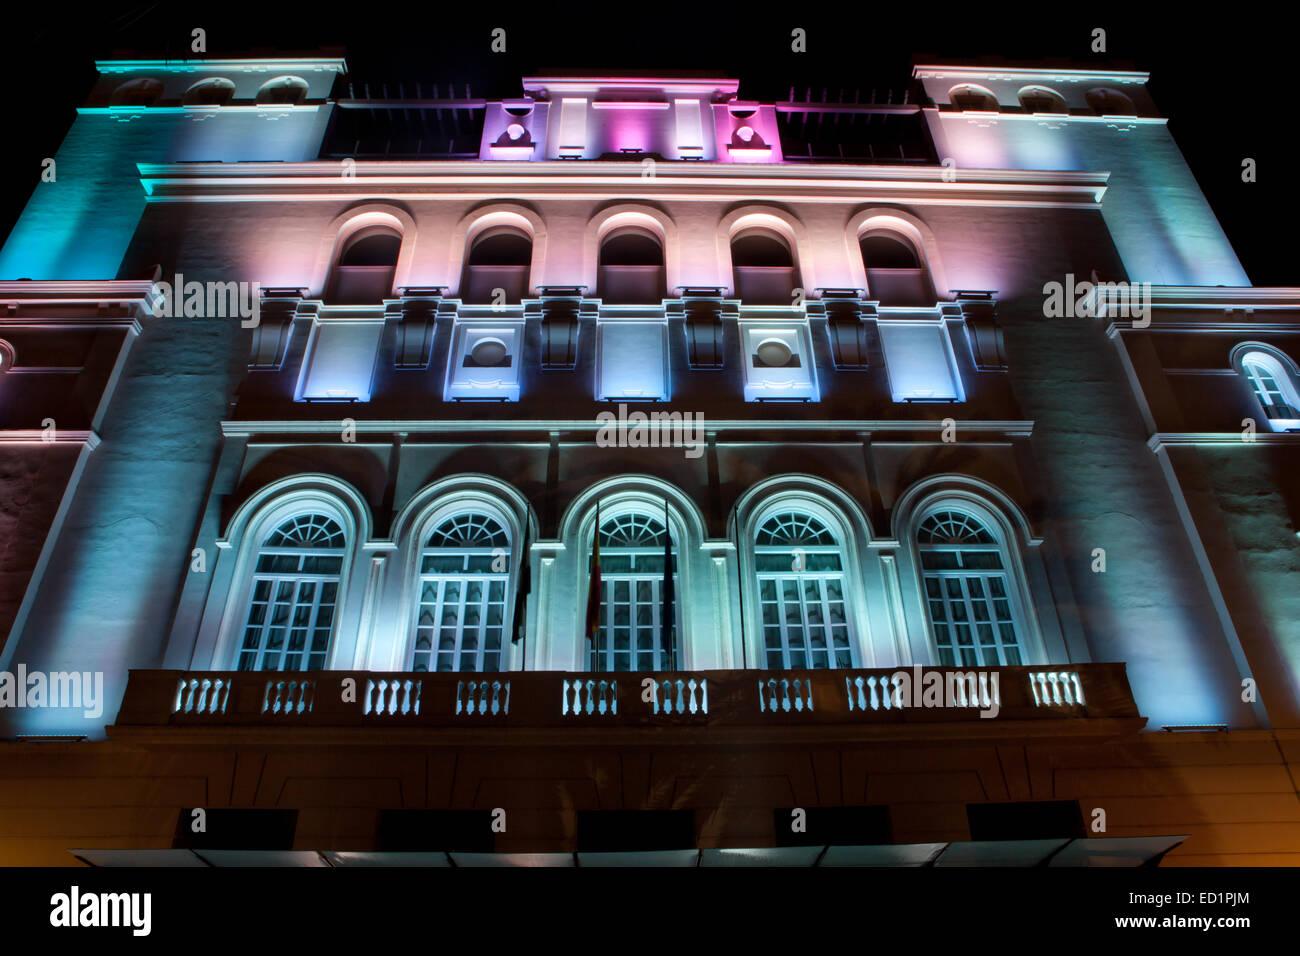 Gebäude-Fassade beleuchtet mit mehreren Farben led-leuchten Stockfoto